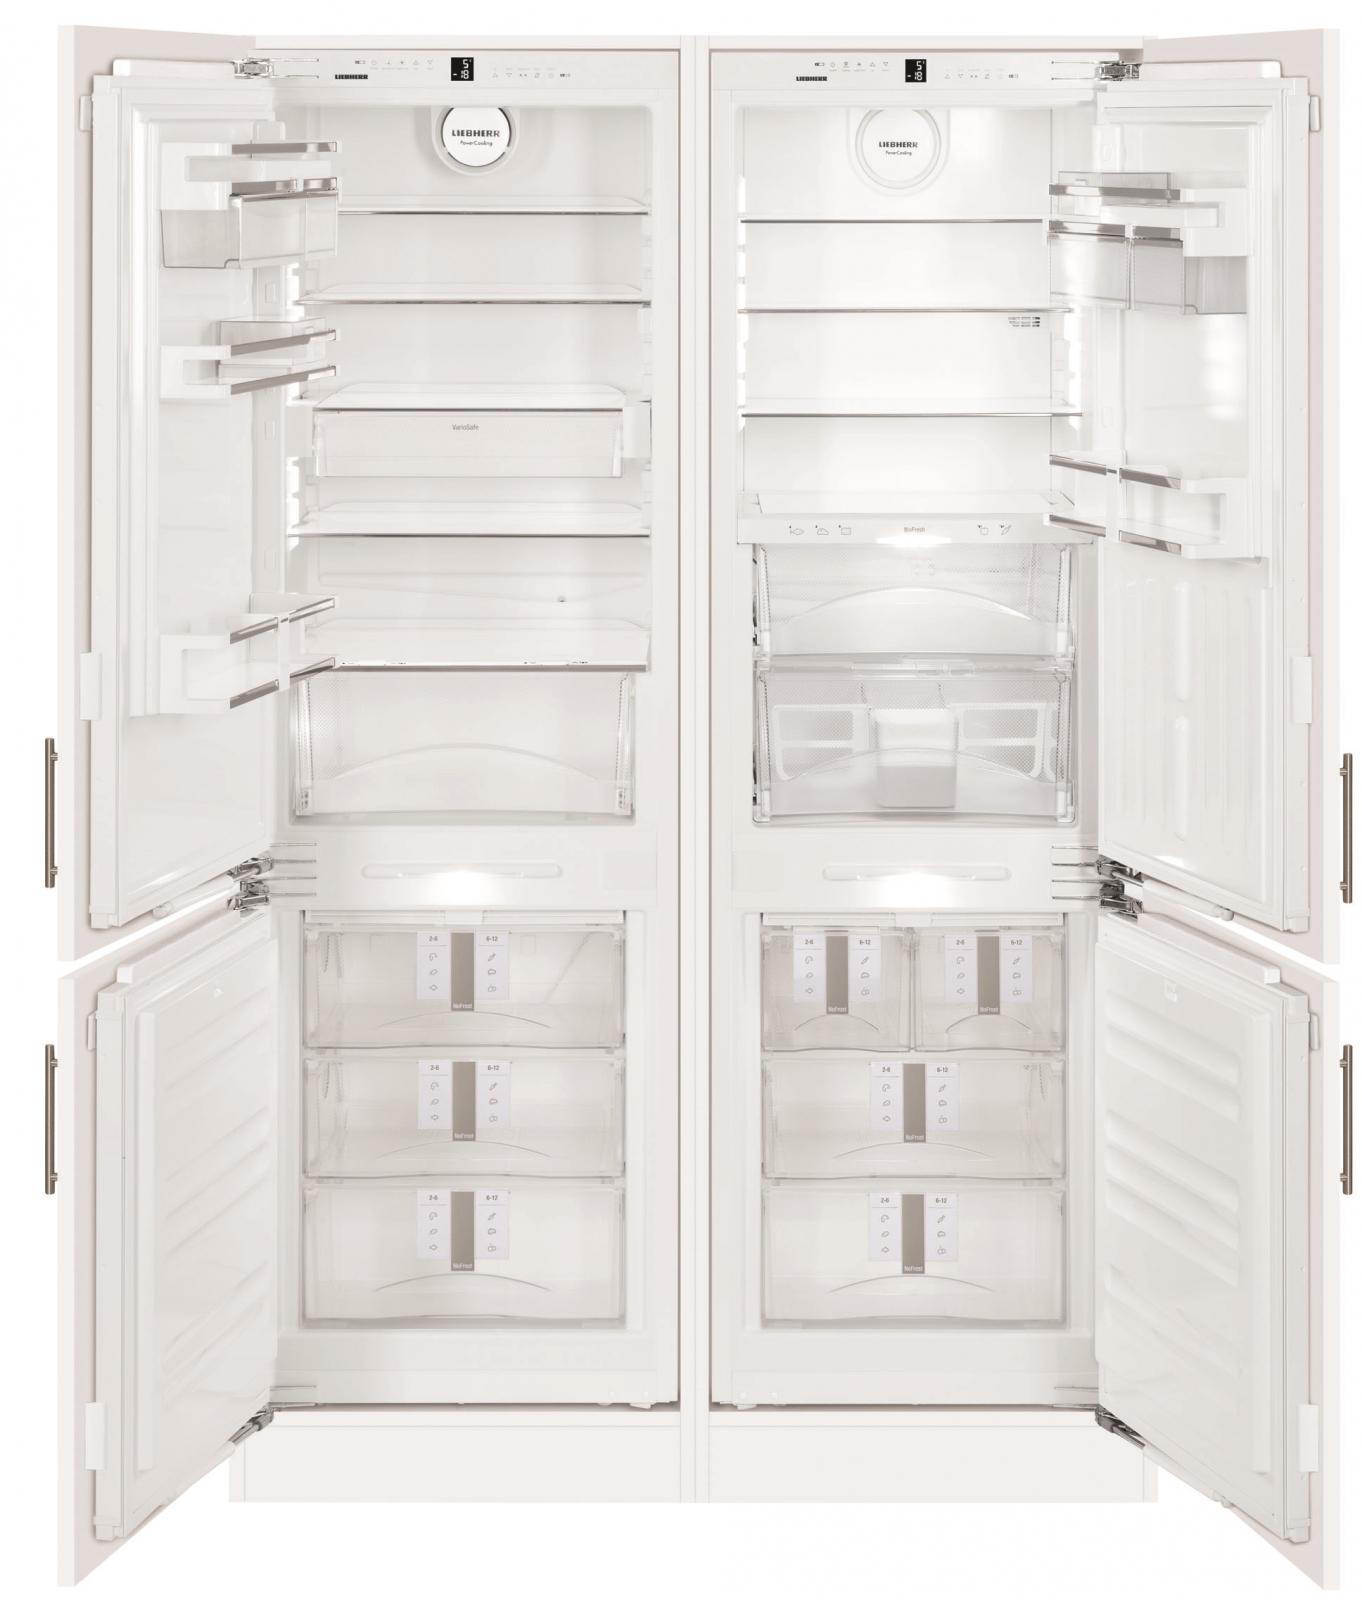 купить Встраиваемый холодильник Side-by-side Liebherr SBS 66I3 21 Украина фото 2